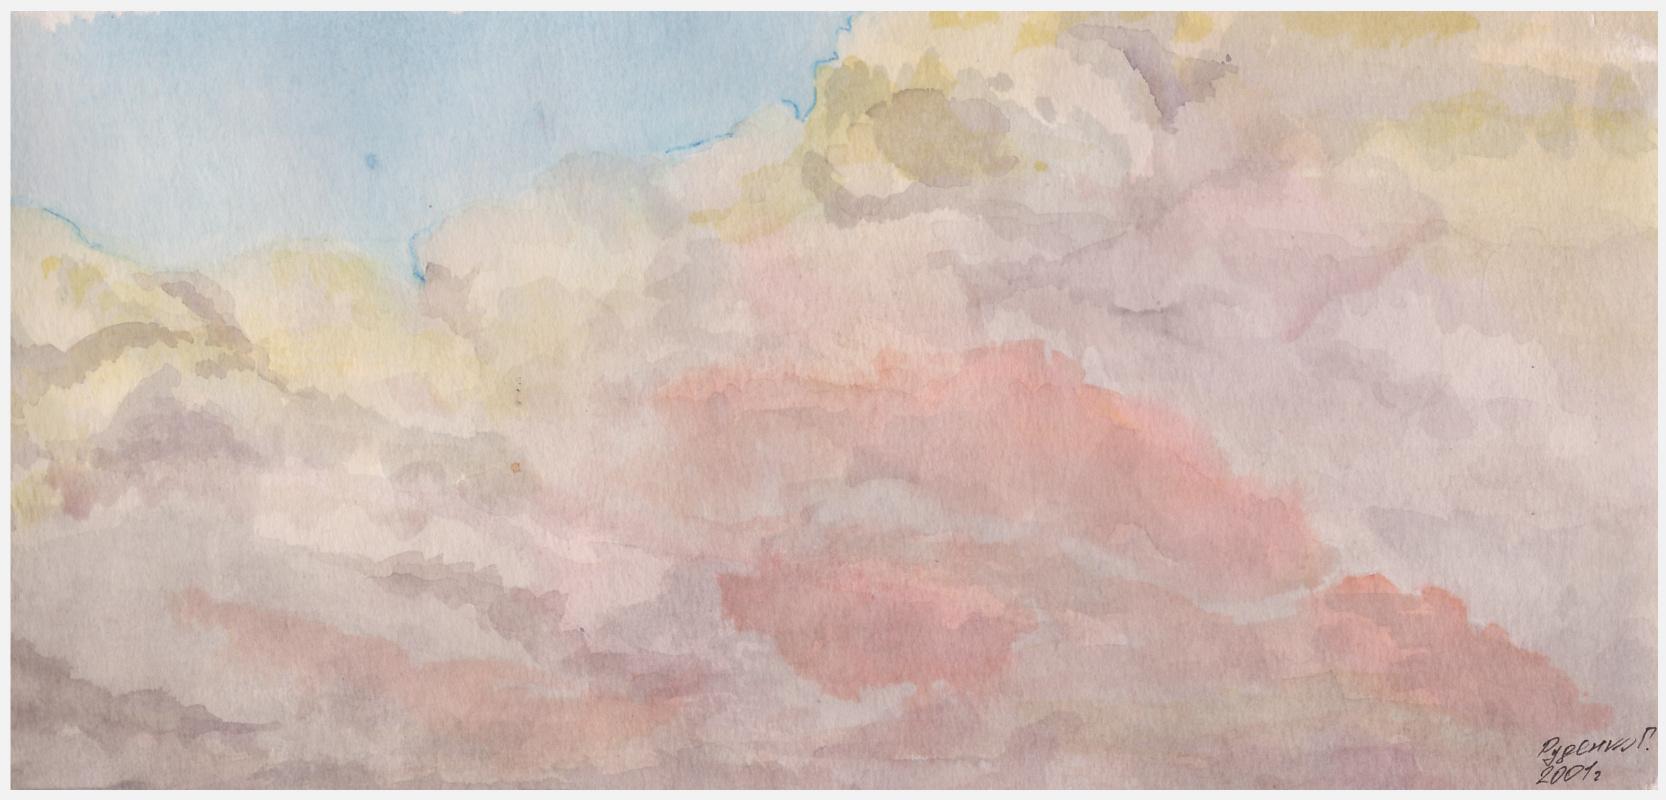 Gennady Vladimirovich Rudenko. Clouds